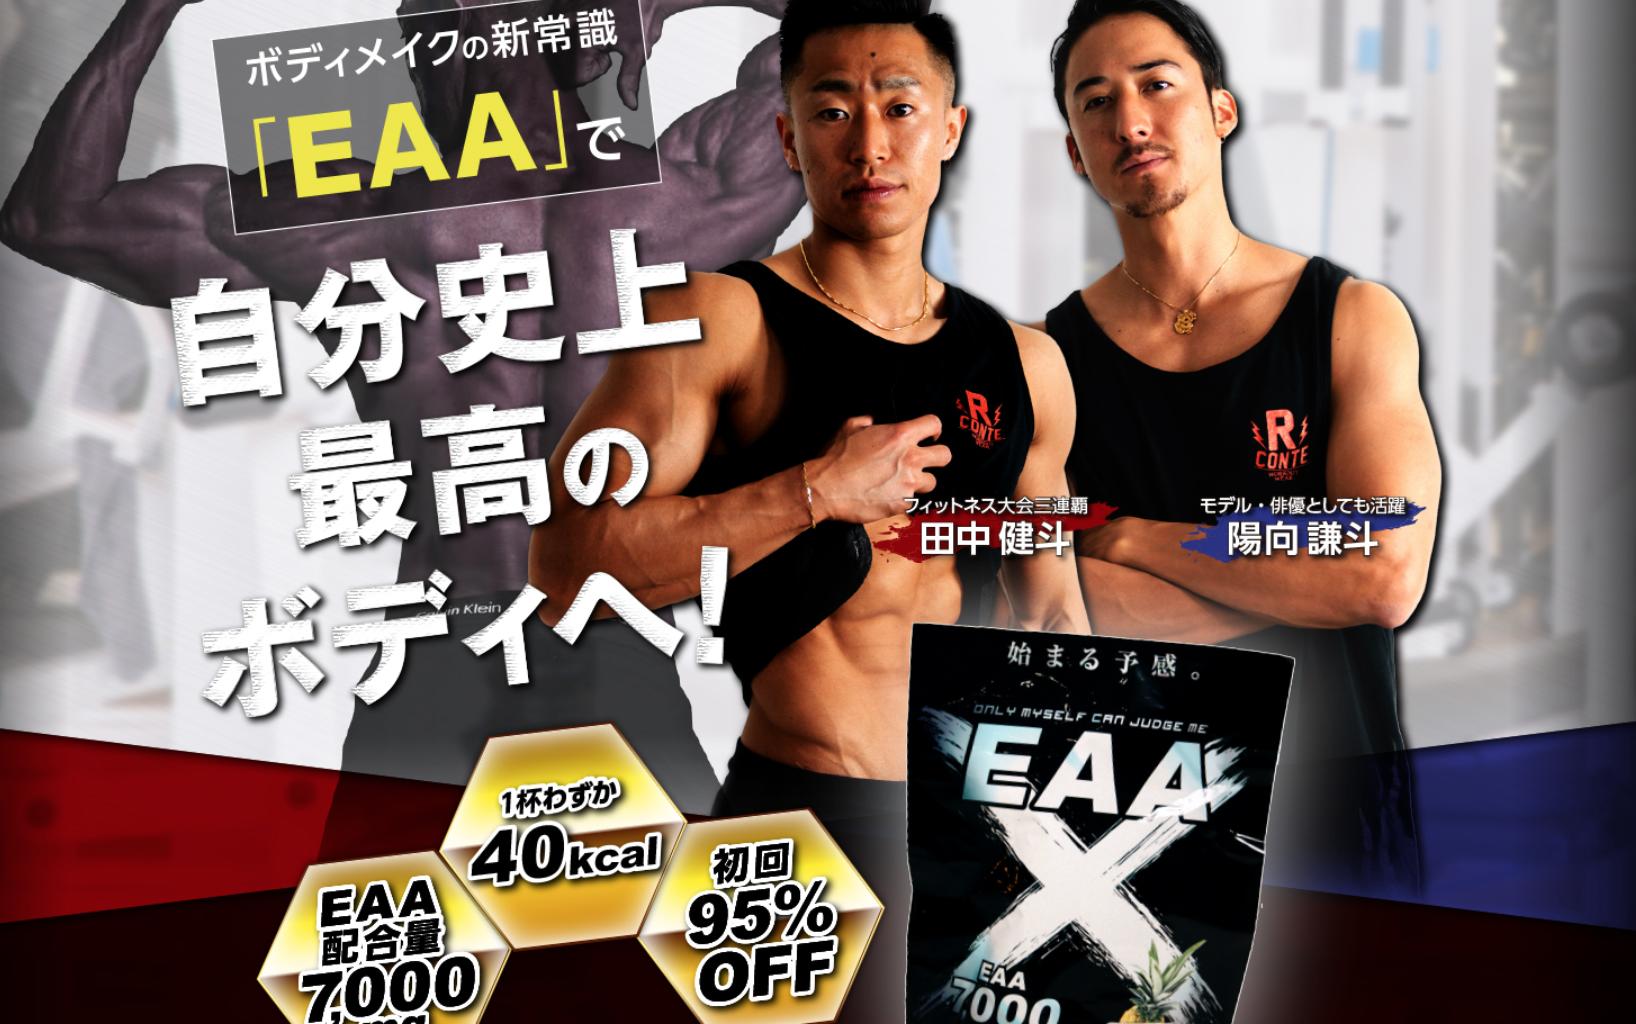 田中健斗と陽向謙斗・監修のEAAX(イーエーエー)を徹底解説!EAAは筋トレ・ダイエットに革命を起こします。